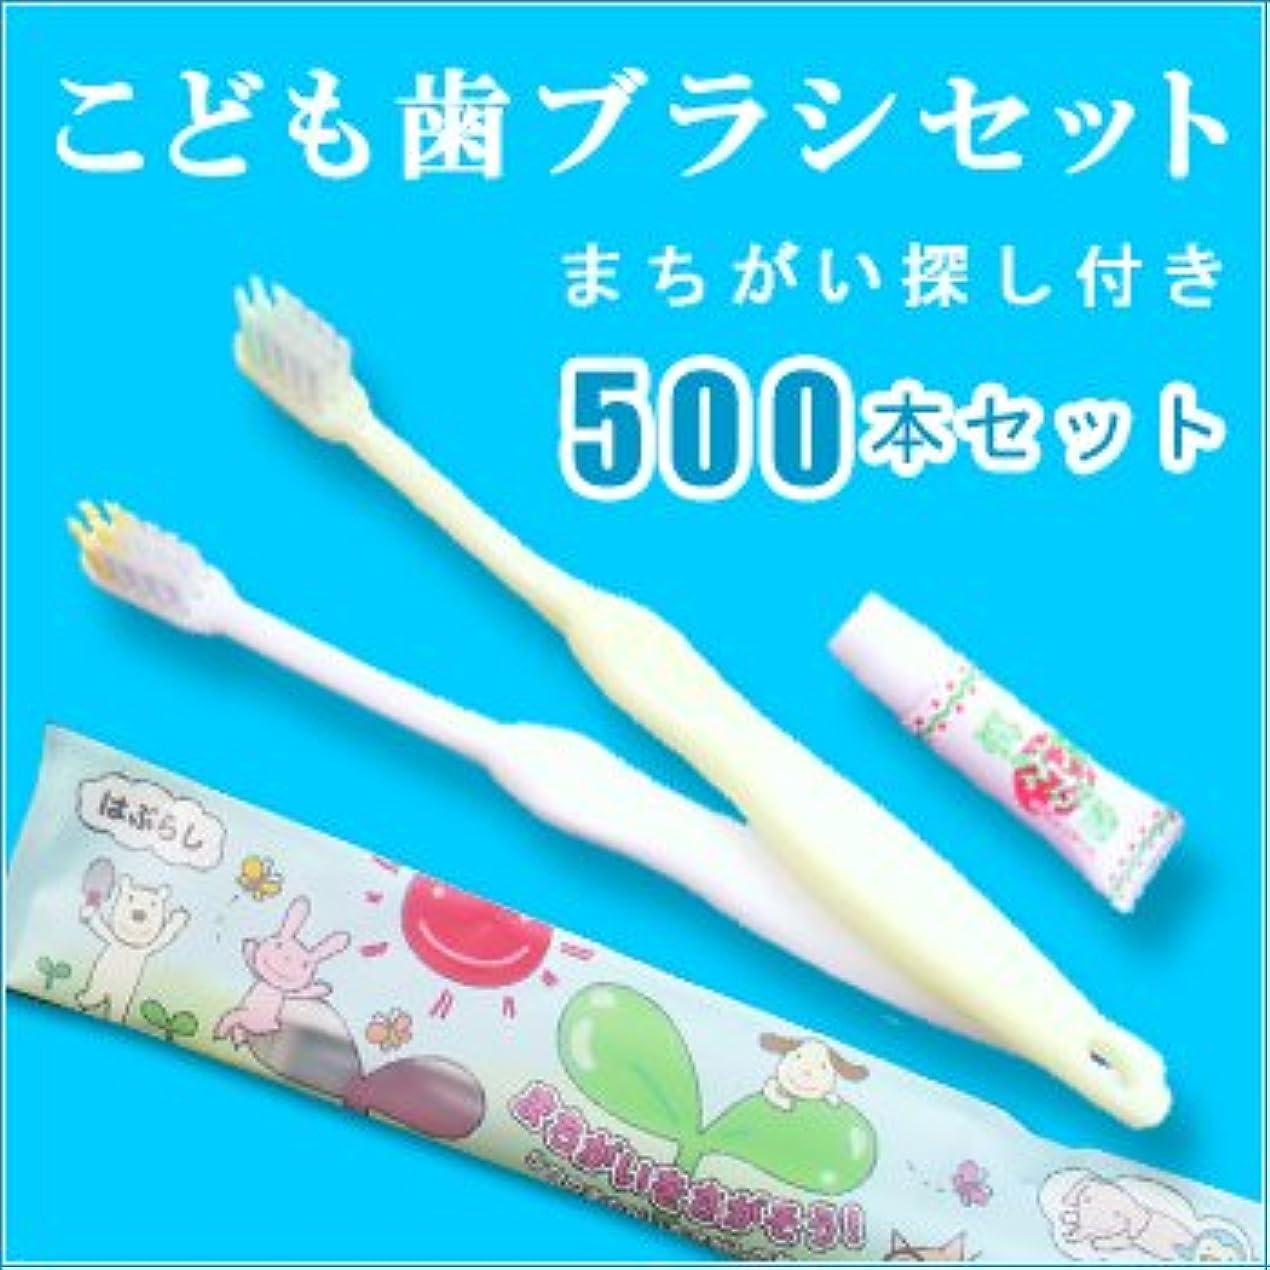 アジア人契約する書道こども用歯ブラシ いちご味の歯磨き粉 3gチューブ付 ホワイト?イエロー2色アソート(1セット500本)1本当たり34円